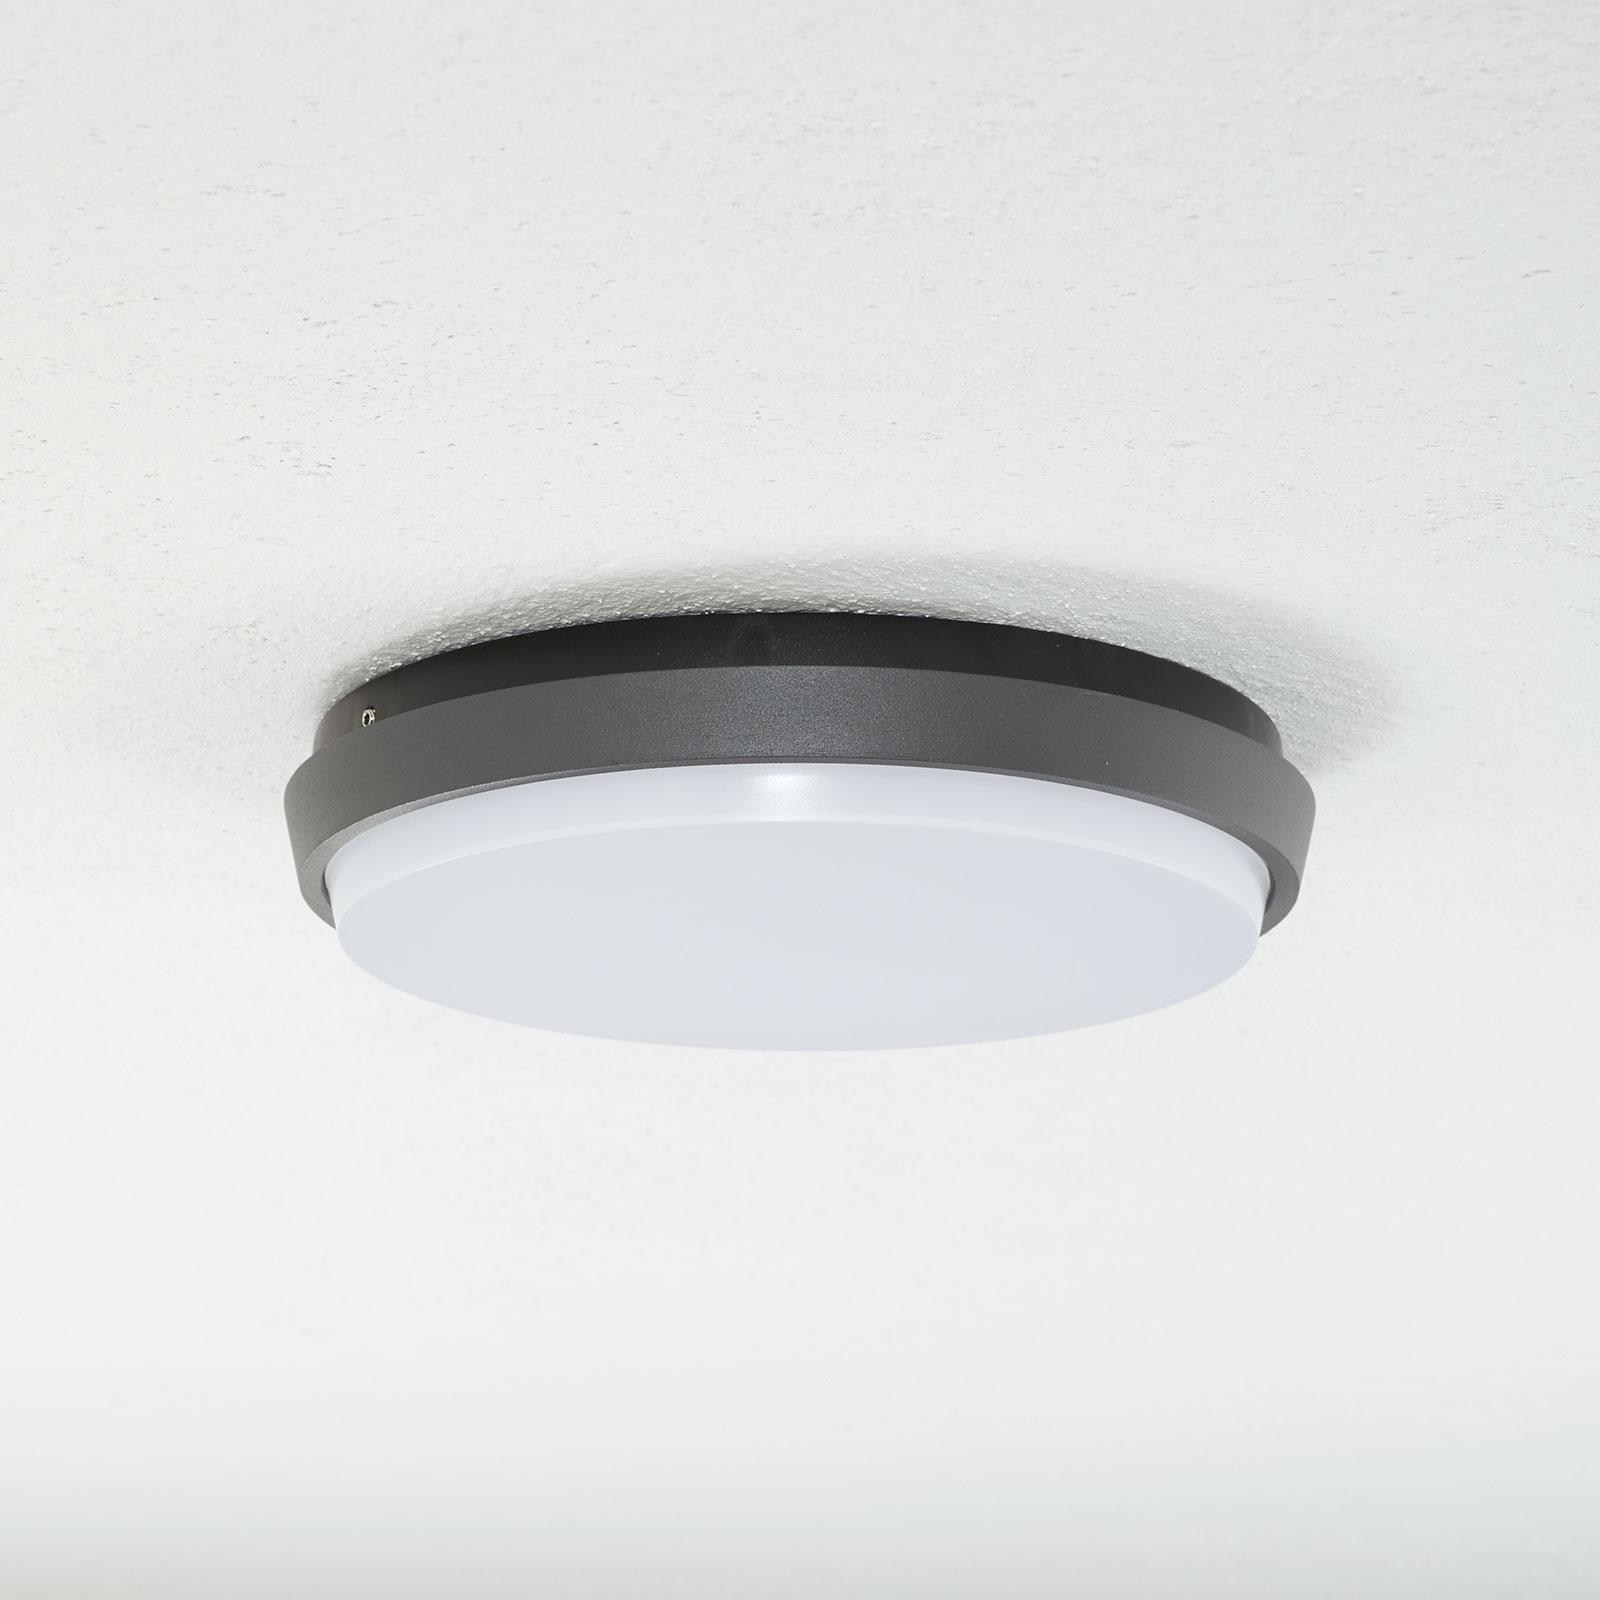 Lucande Amra plafonnier extérieur LED, rond, 24cm